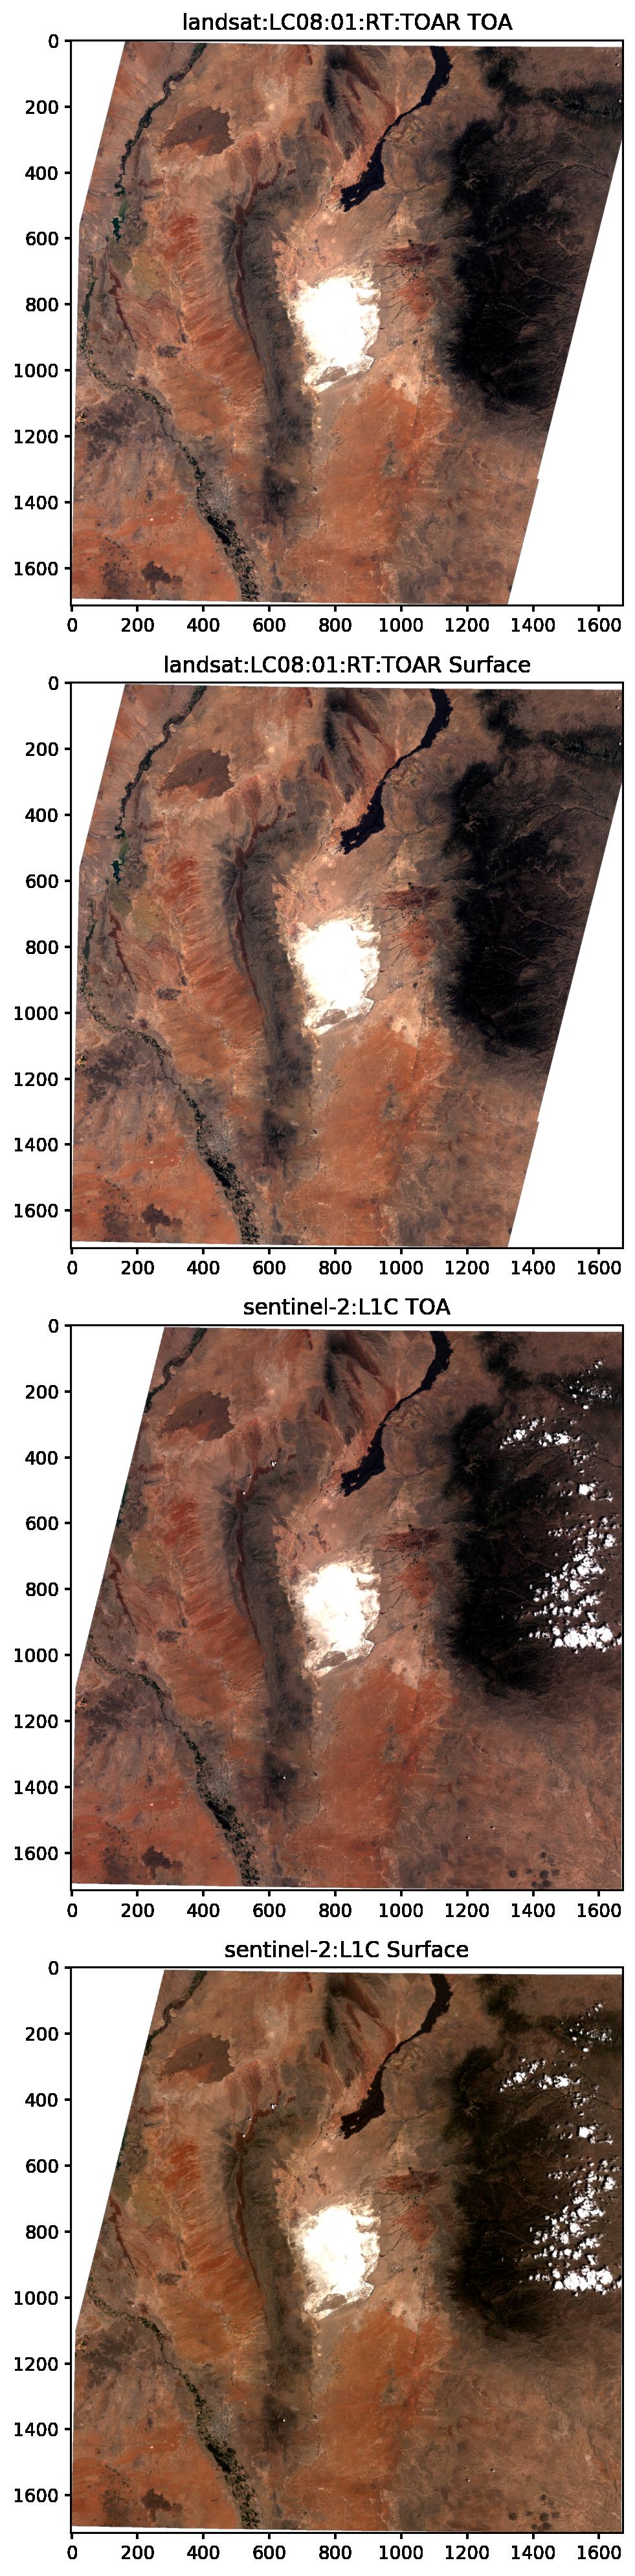 https://cdn.descarteslabs.com/docs/public/_images/surface_reflectance_figure6_1.png